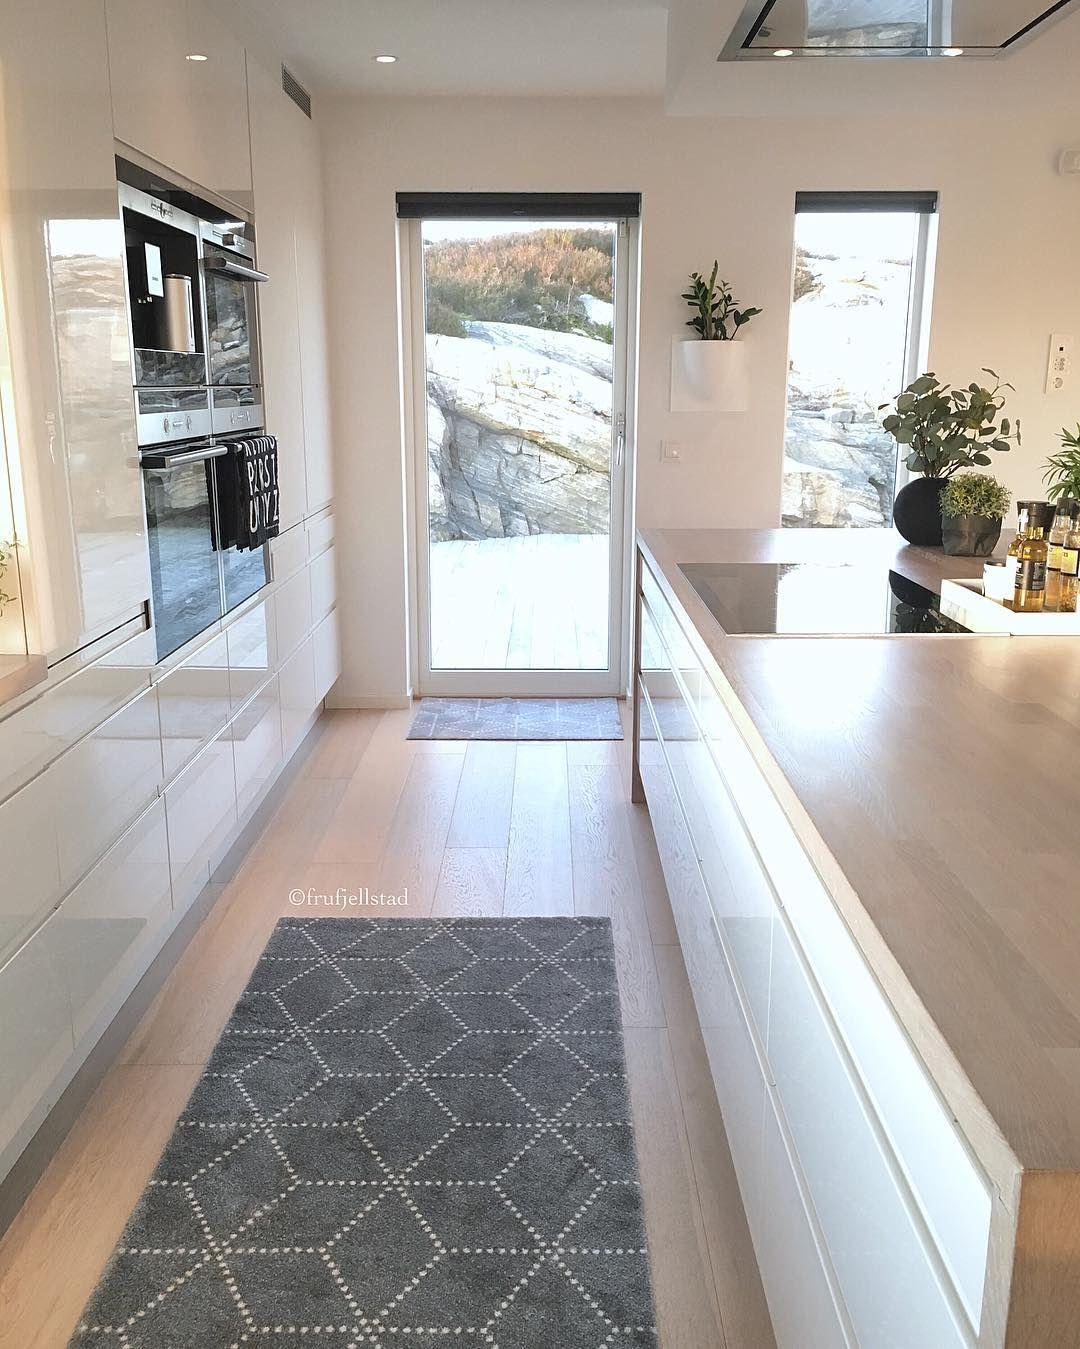 Haus außentor design als idee an der linken wand die hohen regale mittig das fenster